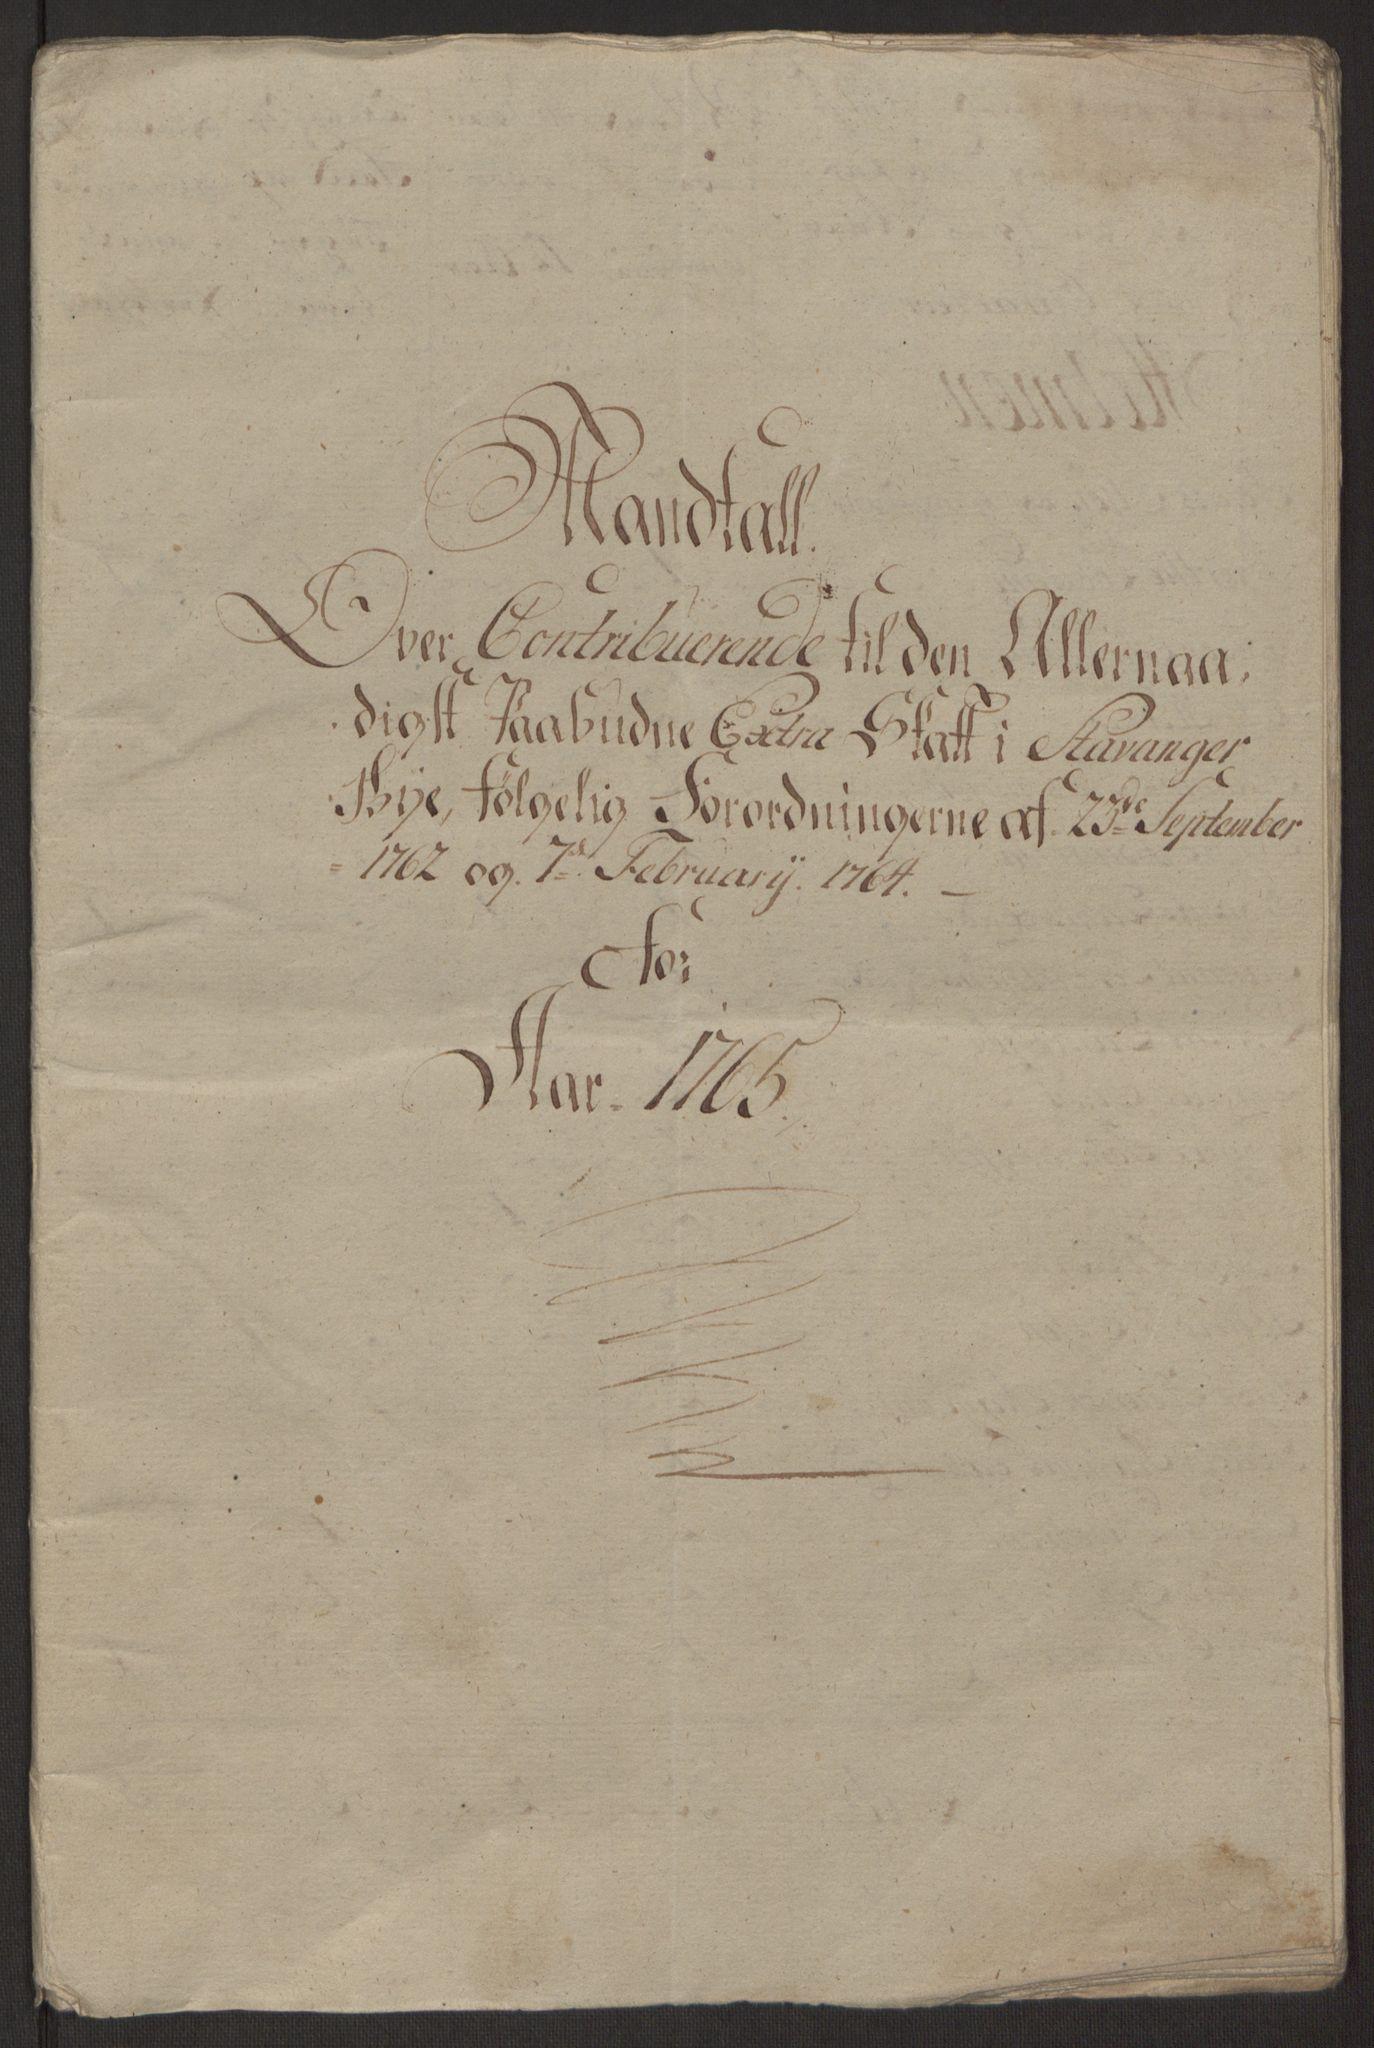 RA, Rentekammeret inntil 1814, Reviderte regnskaper, Byregnskaper, R/Ro/L0305: [O6] Kontribusjonsregnskap, 1762-1768, s. 85